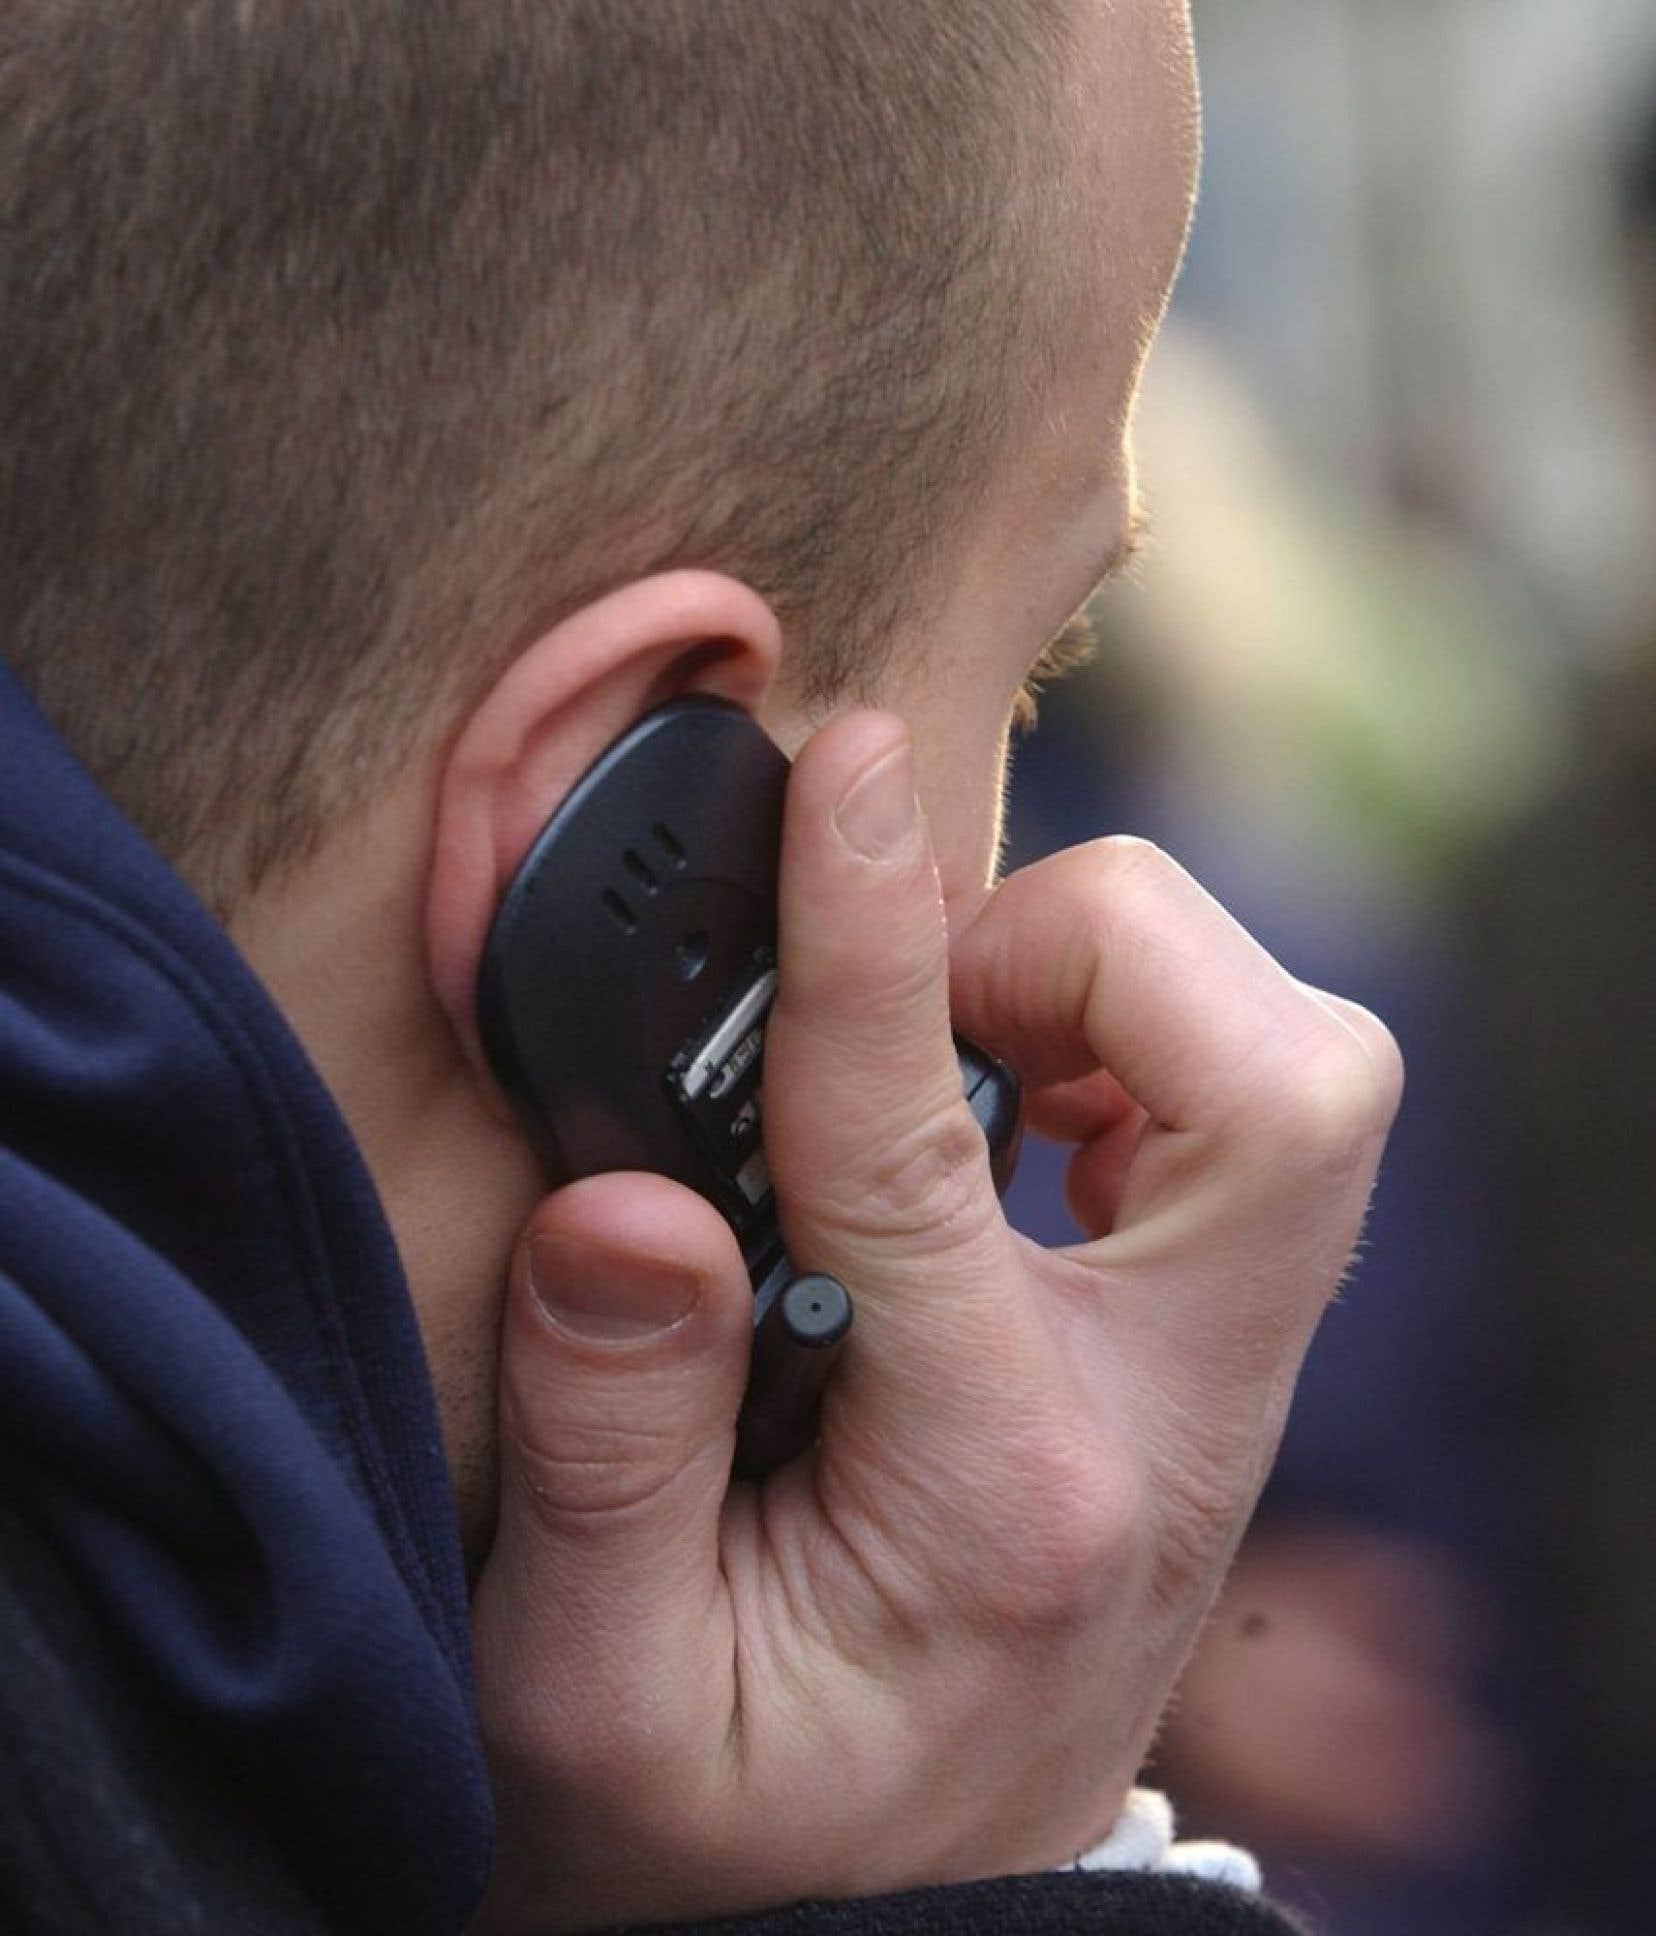 Les données transmises comprennent les numéros de téléphone impliqués et la durée de l'appel, mais non la teneur des conversations.